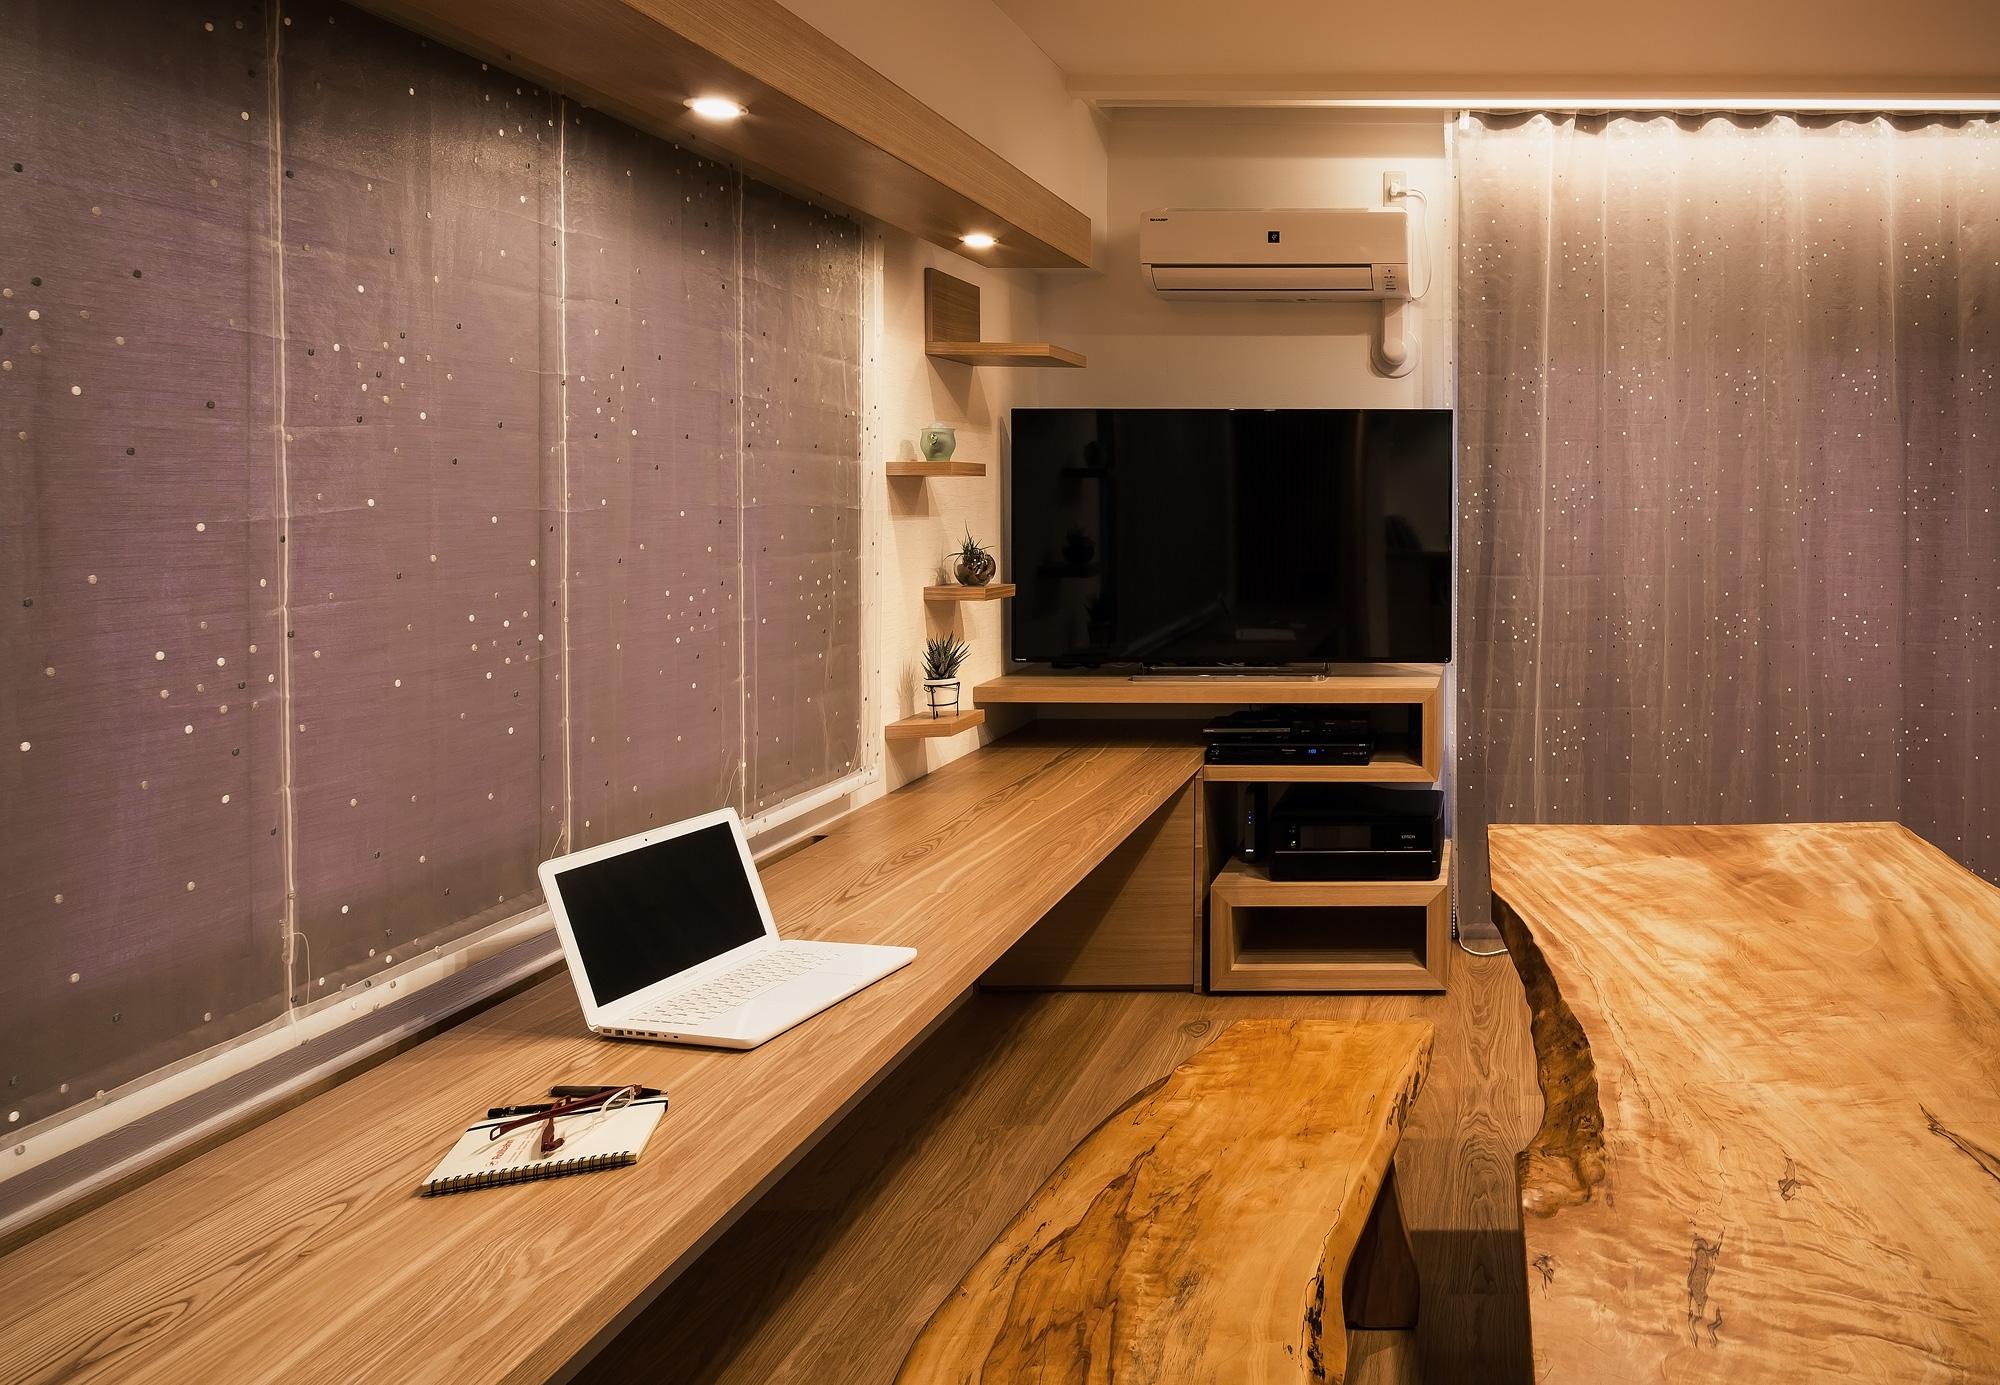 カウンターデスク: カウンターデスクは無垢のタモ材。テレビ台家具とともにデザインしました